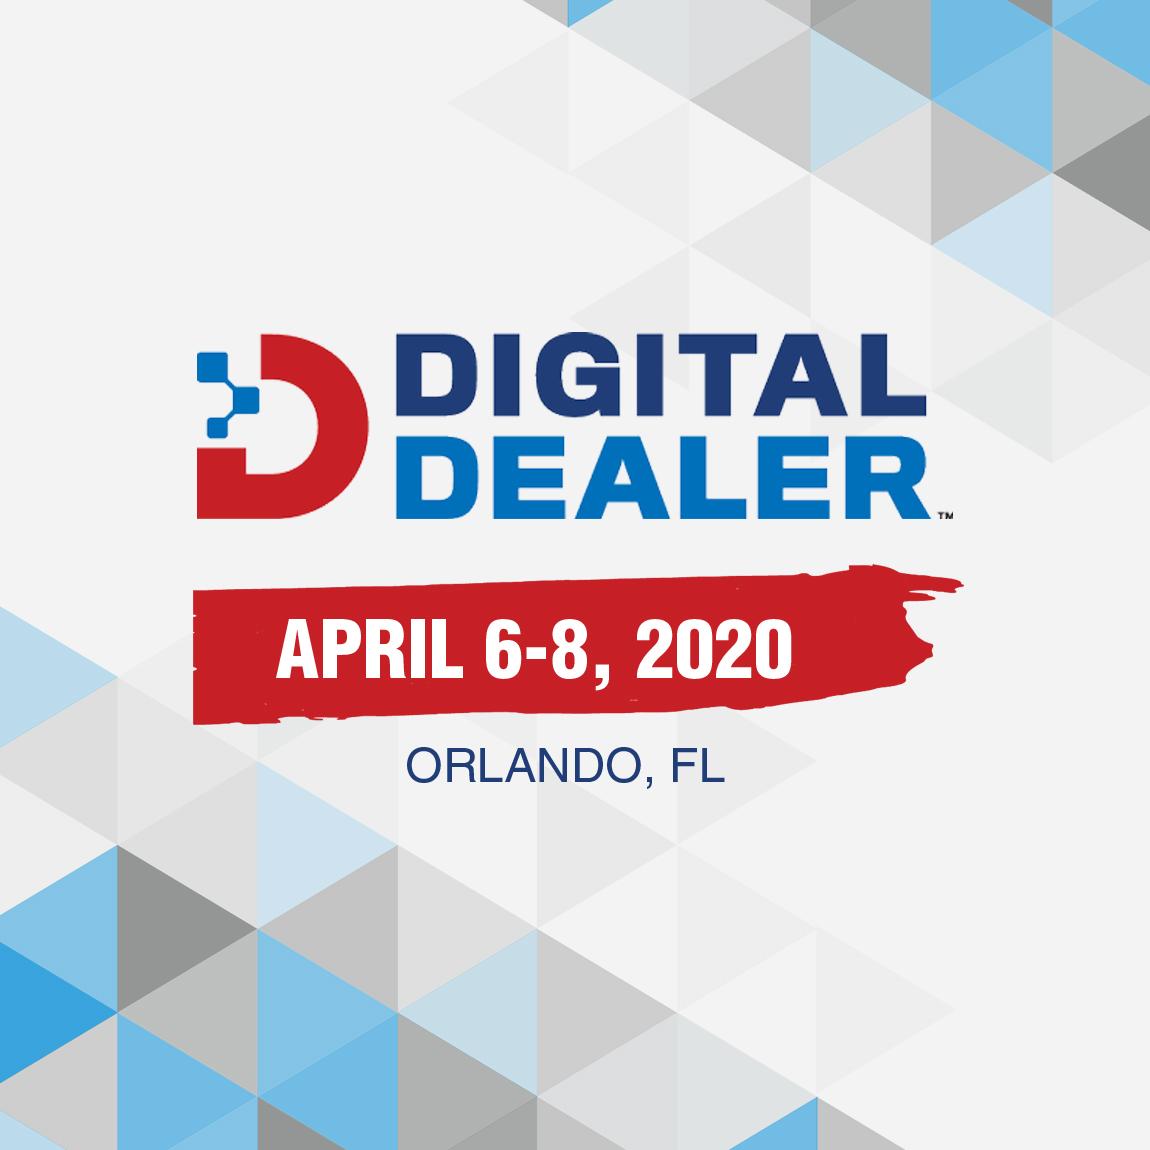 Digital Dealer Orlando